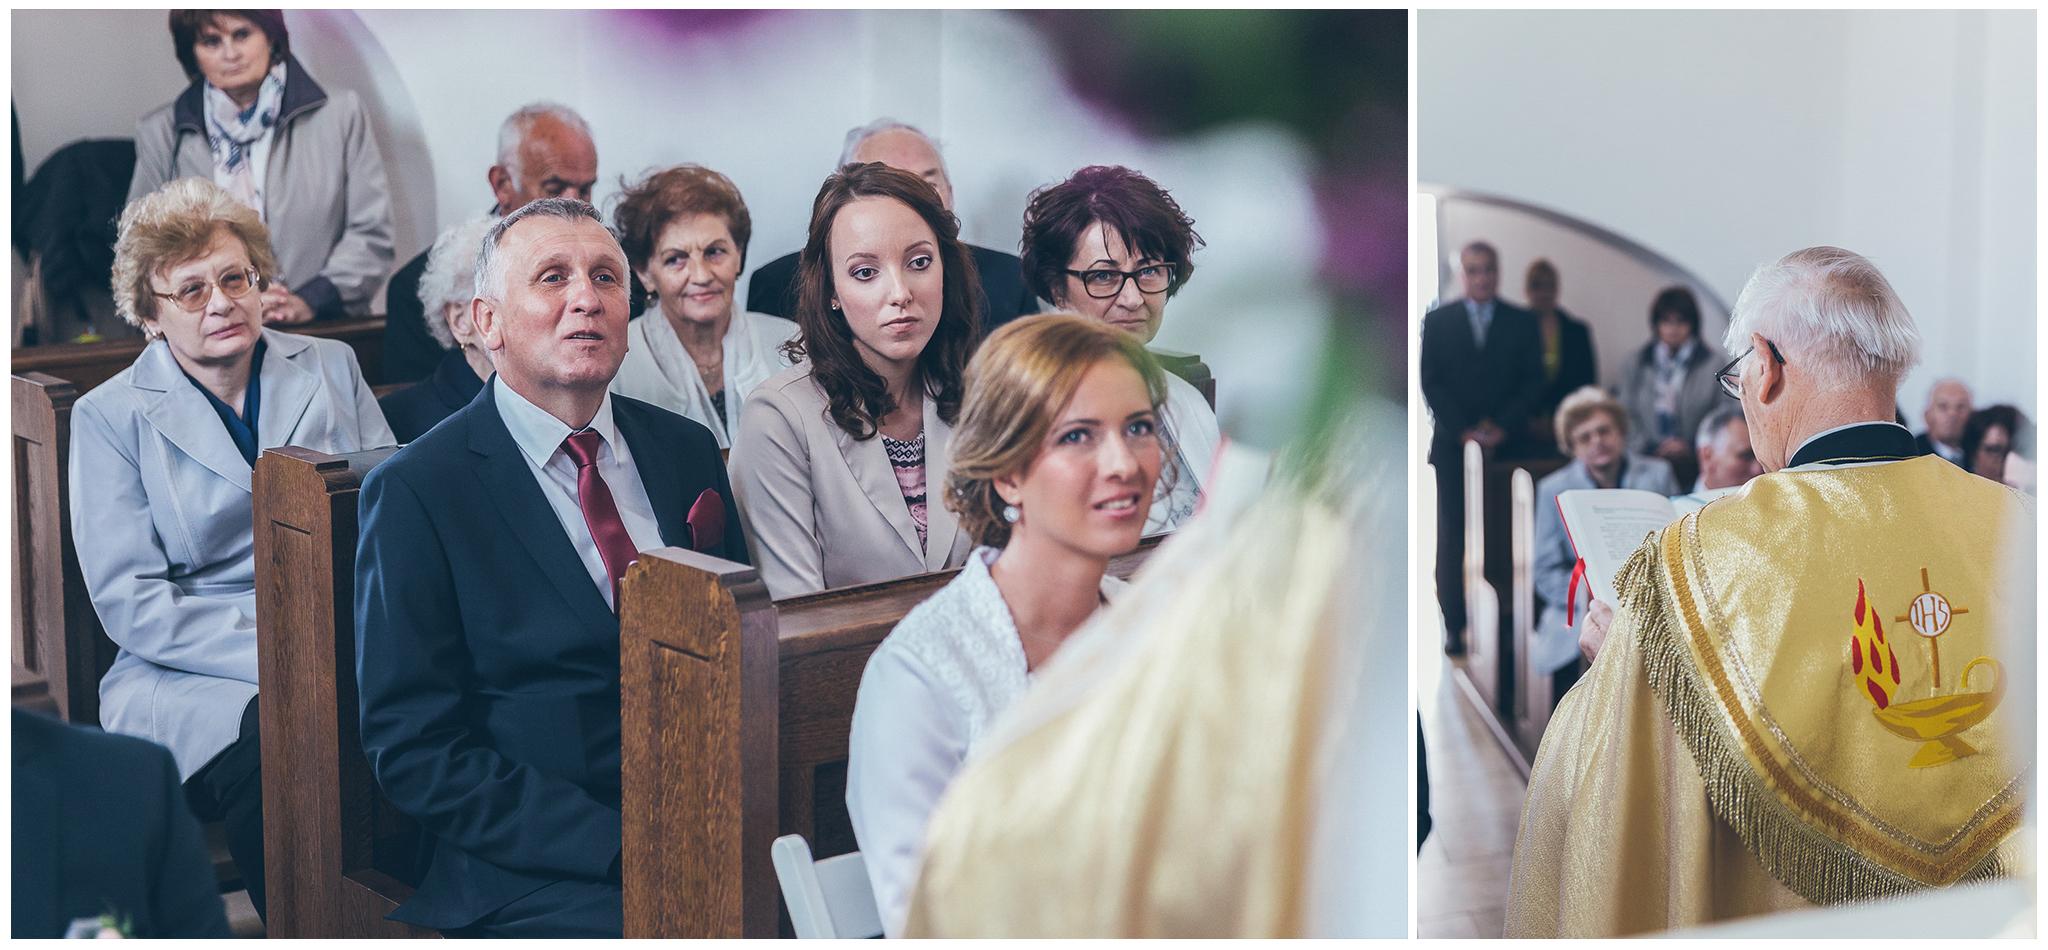 FylepPhoto, esküvőfotós, esküvői fotós Körmend, Szombathely, esküvőfotózás, magyarország, vas megye, prémium, jegyesfotózás, Fülöp Péter, körmend, kreatív, fotográfus_20.jpg